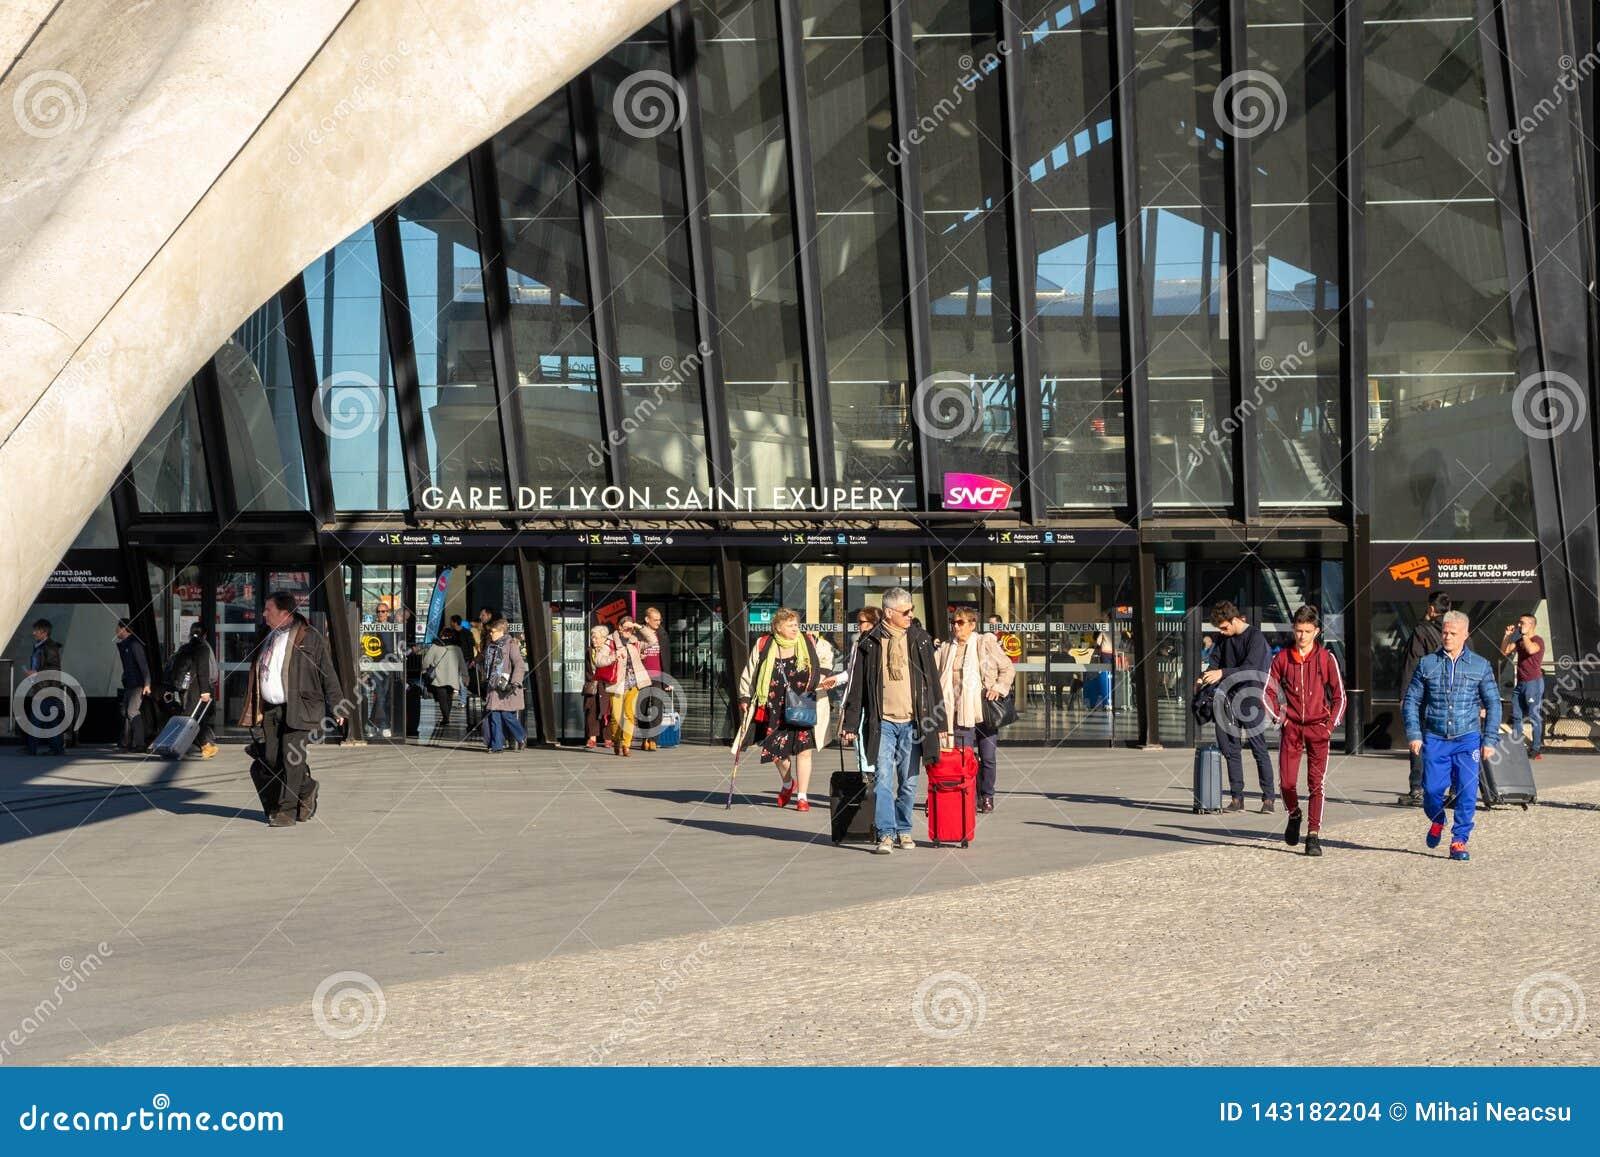 Οι άνθρωποι που φθάνουν και που αναχωρούν στον κύριο σταθμό S.N.C.F του Gare de Lyon Άγιος Exupery, με συνεχίζουν τις τσάντες